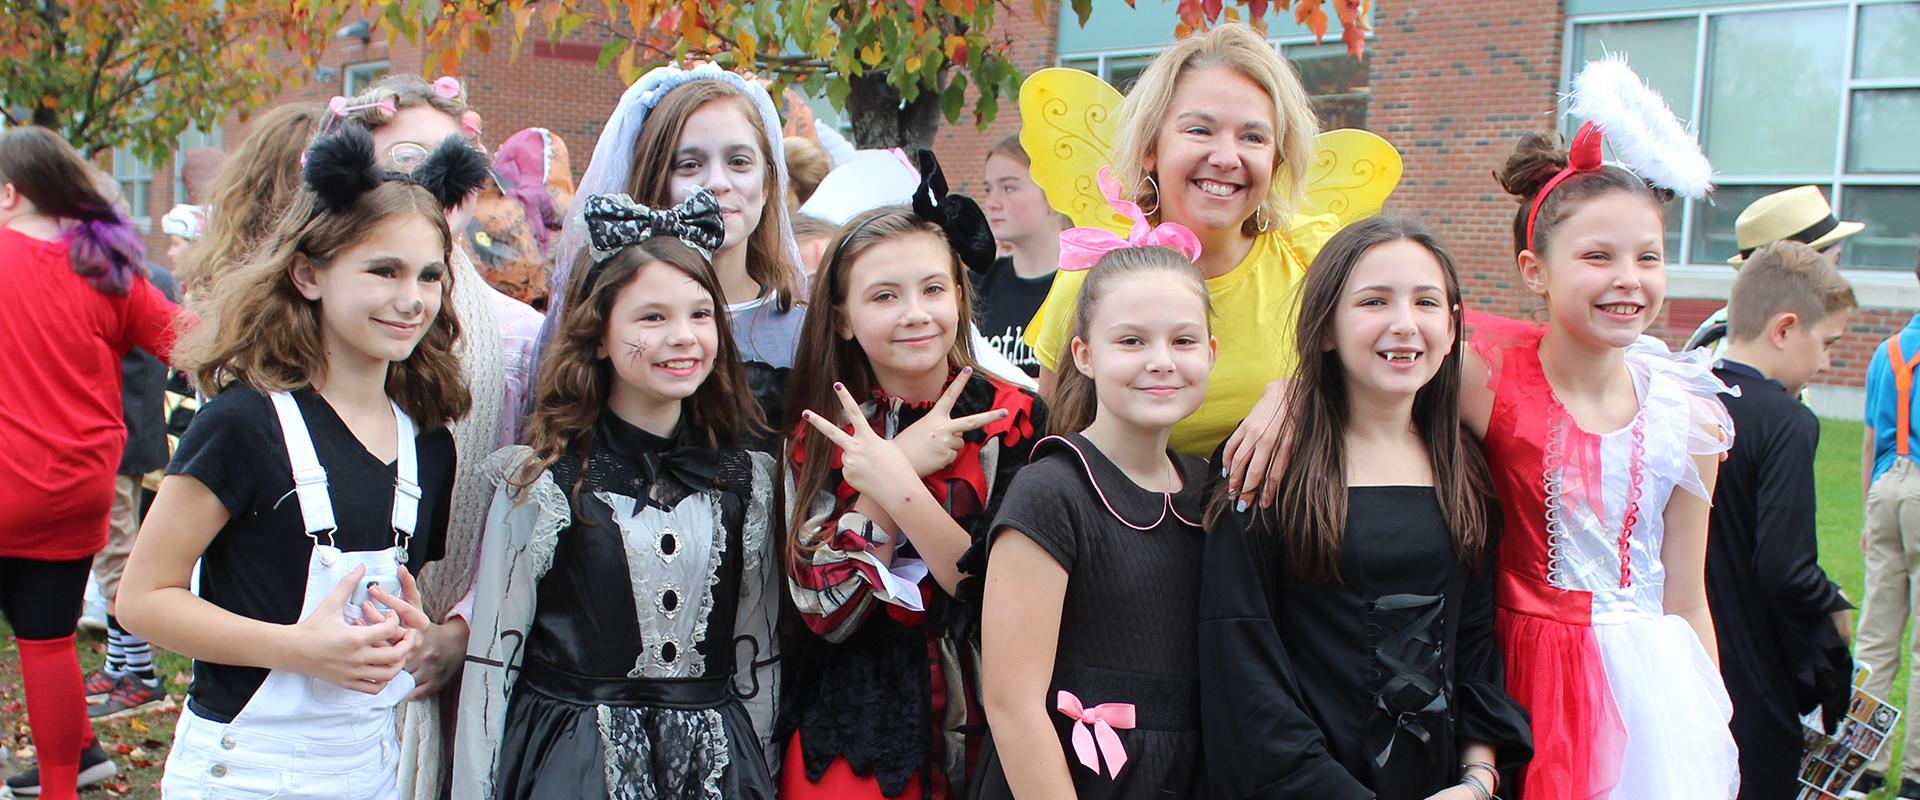 Students at Halloween Parade